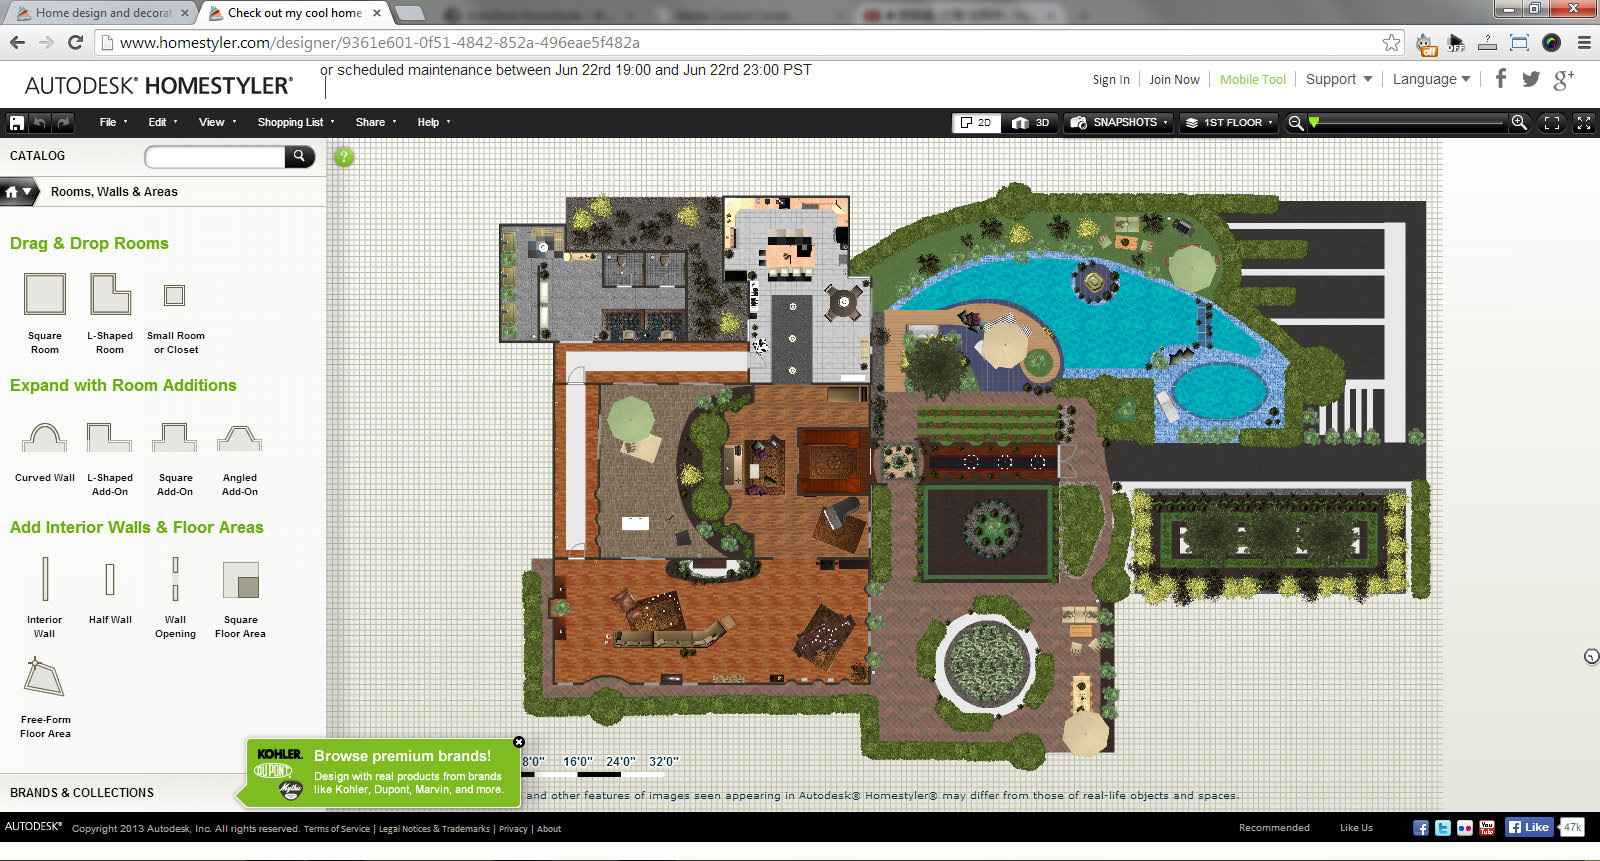 free house interior design software Home Design 15+ Free House Interior Design Software Background